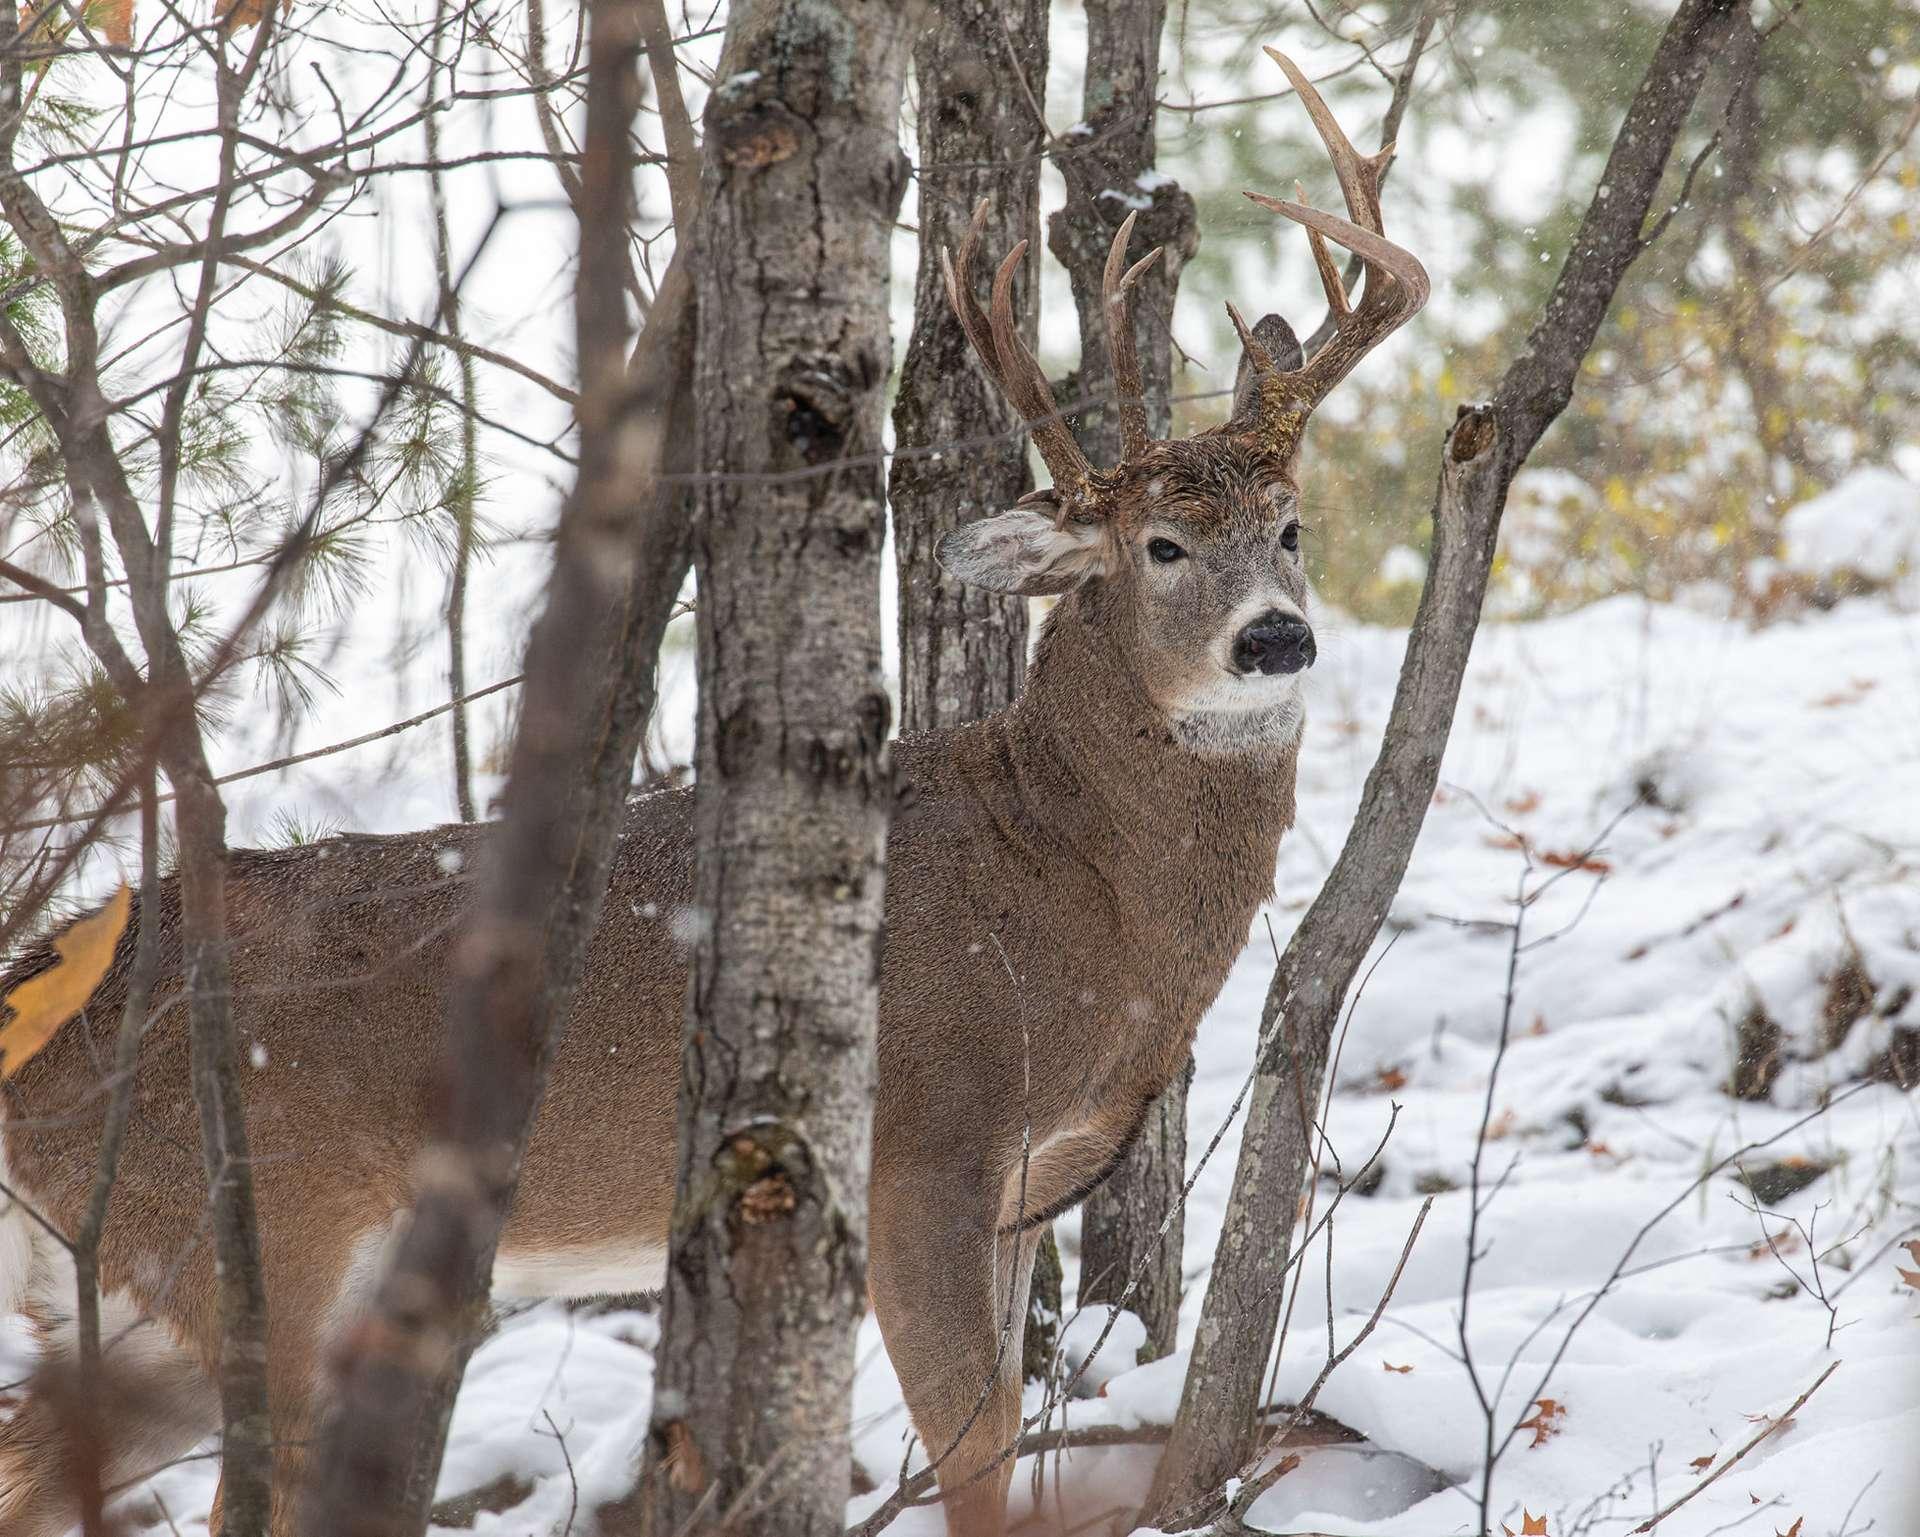 Steven Lindberg, un photographe amateur habitant dans le Michigan, a réalisé le cliché de ce très rare cas de cerf à trois bois. © Steven Lindberg, Facebook